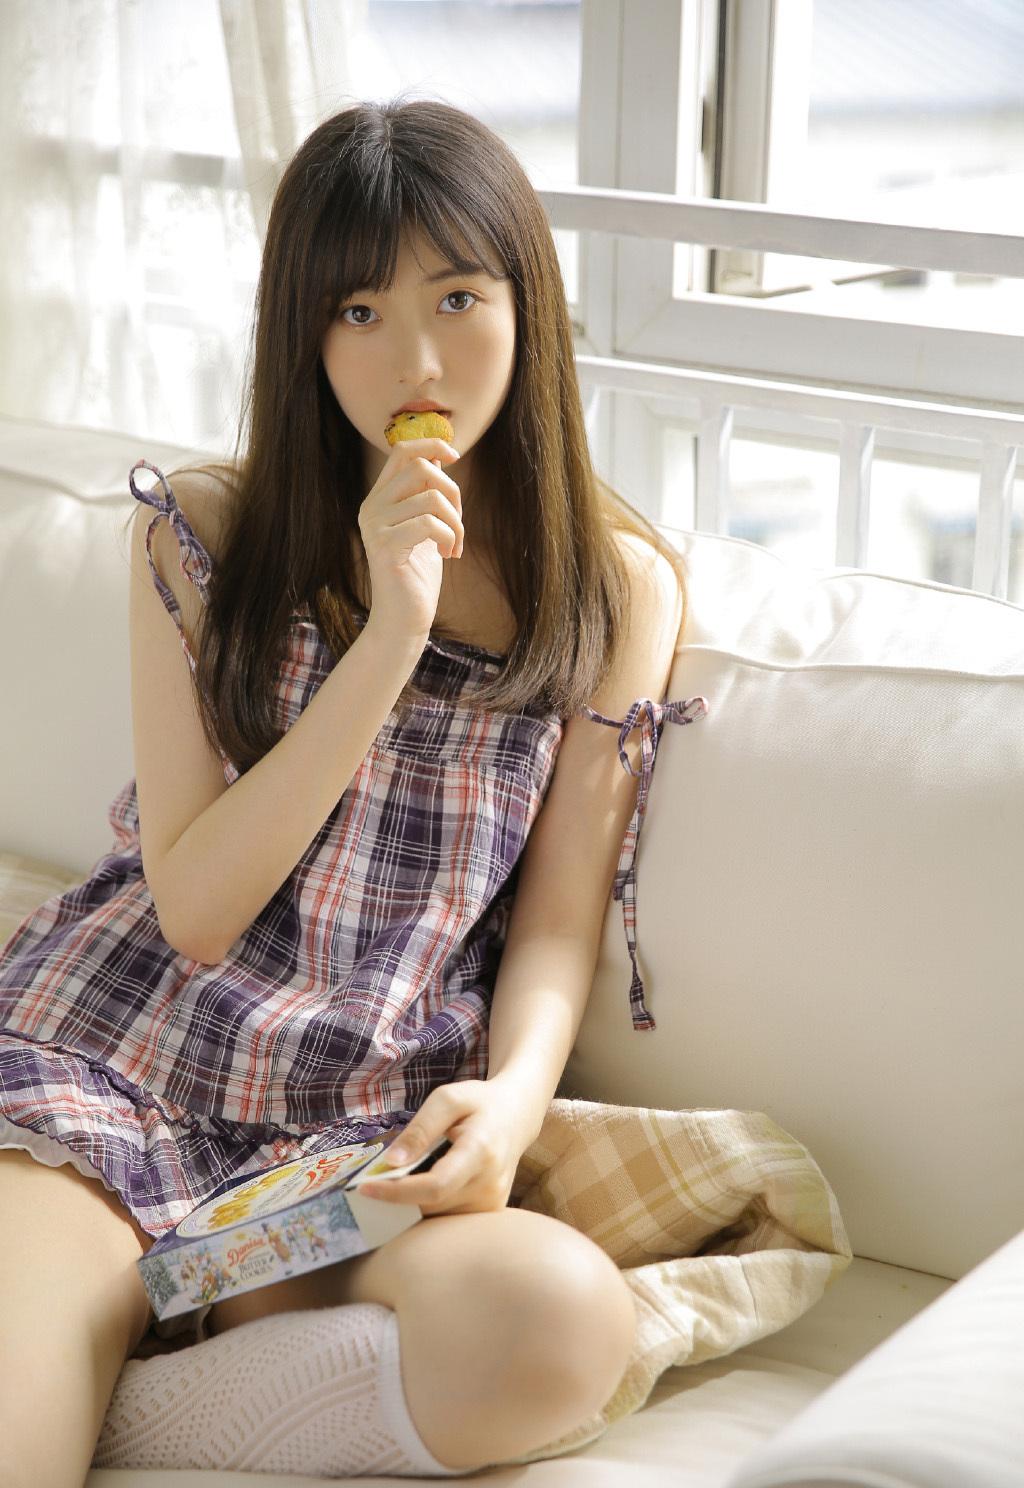 ABP-302日本大胸女神海边内衣写真